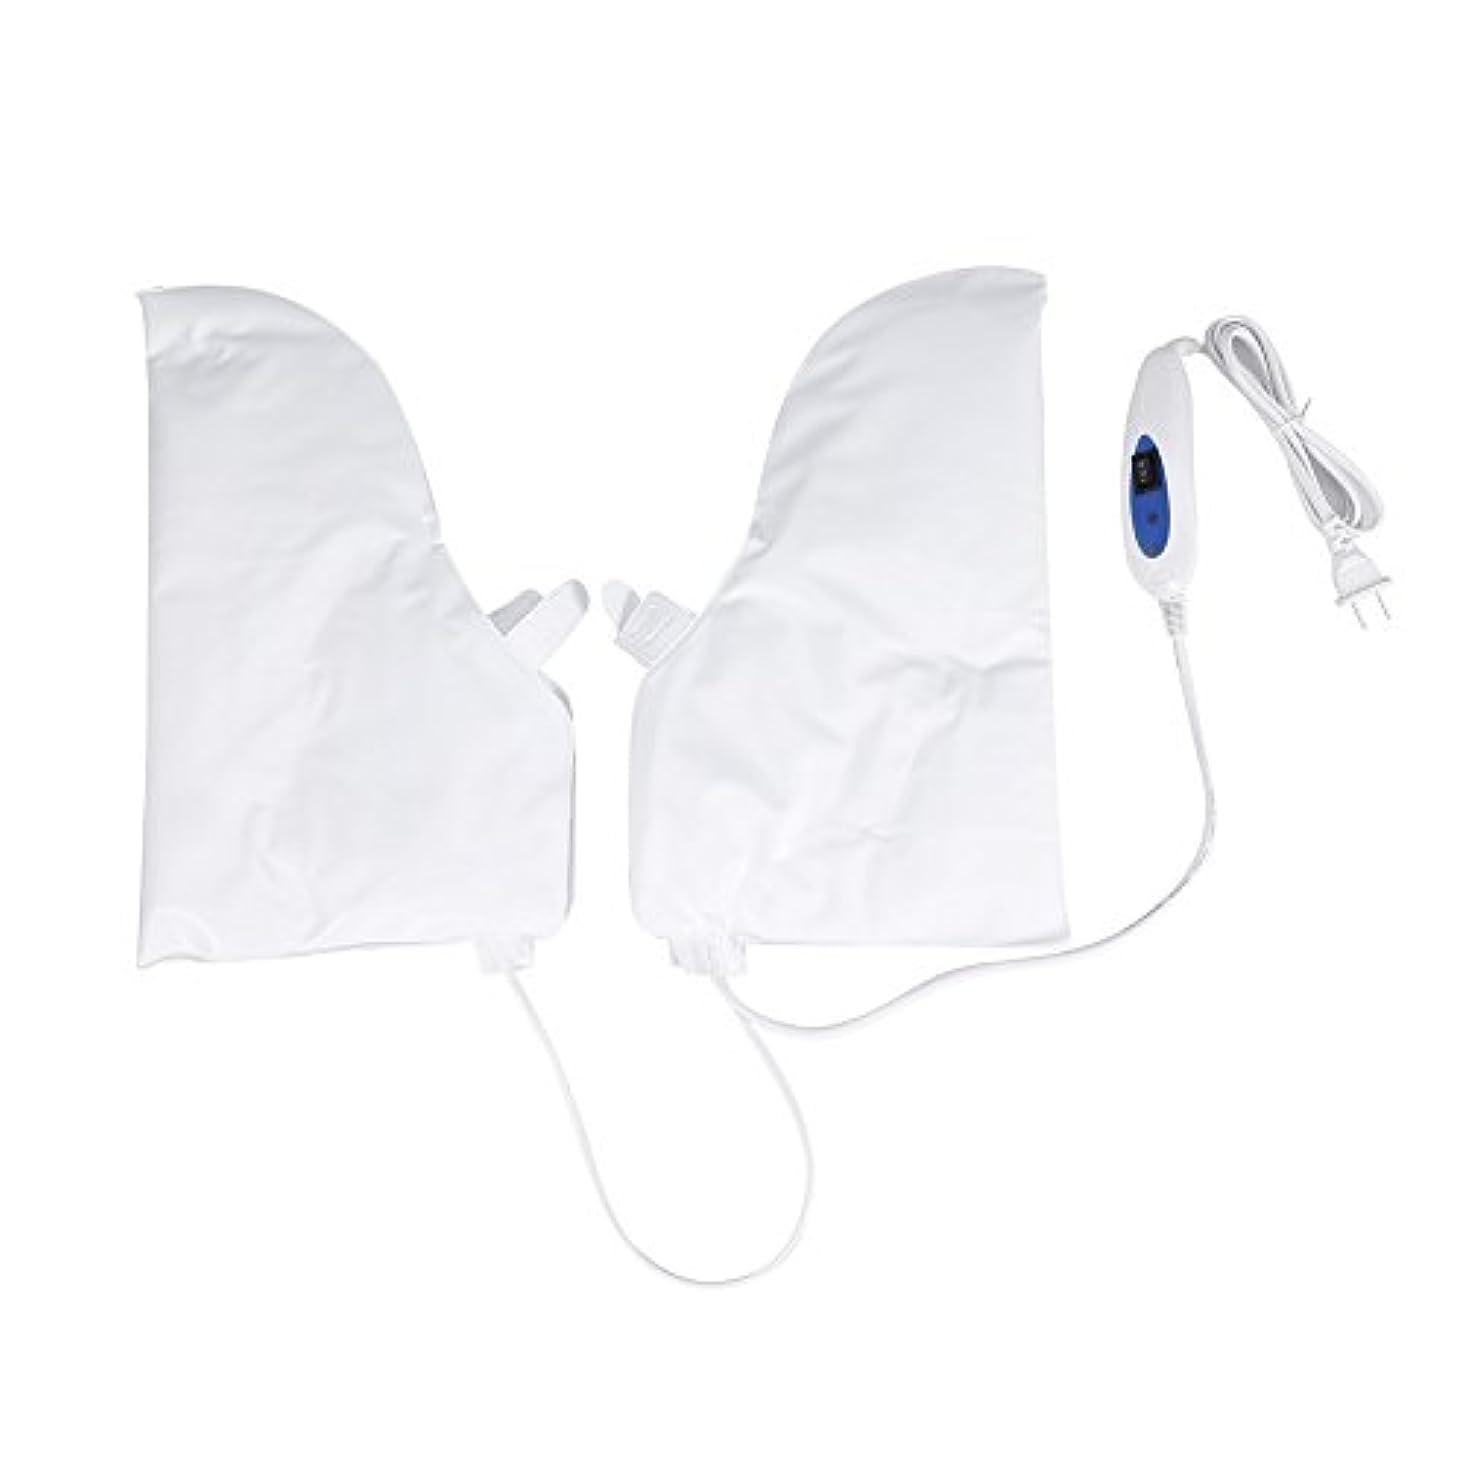 リダクター一般化するボトル蒸し手袋 ハンドマスク 保湿グローブ 電熱手袋 ヒートグローブ 加熱式 電熱 手ケア ハンドケア 2つ加熱モード 乾燥対策 手荒れ対策 補水 保湿 美白 しっとり 美容 手袋